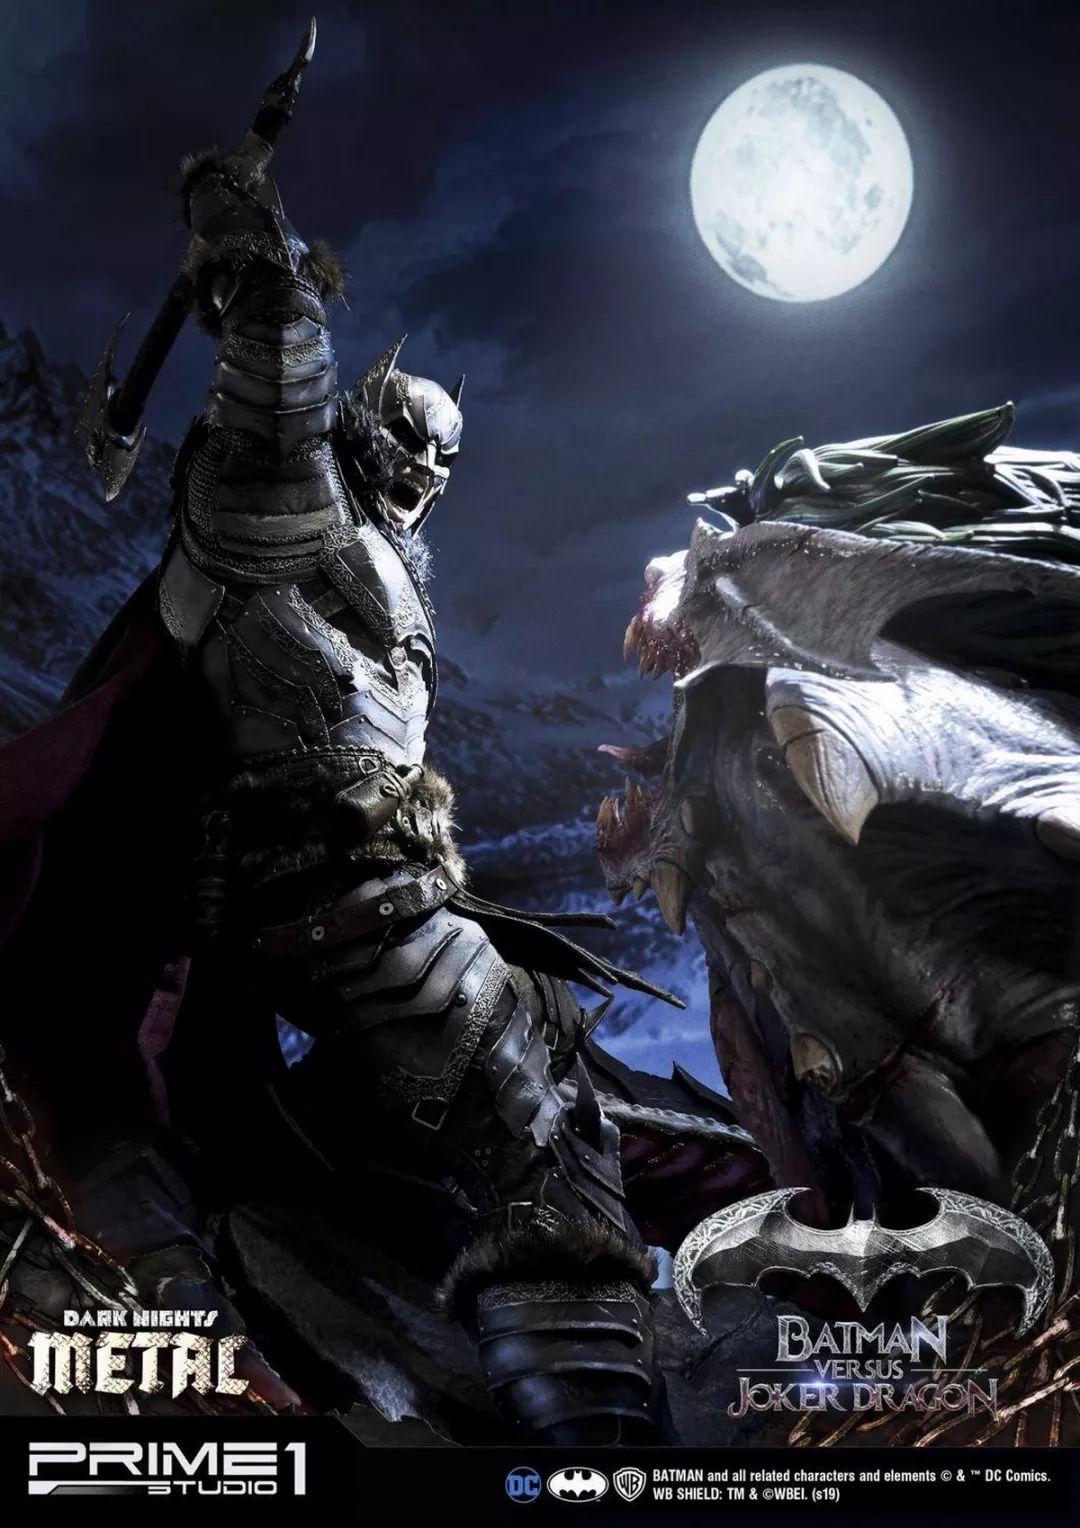 蝙蝠侠对这种金属的调查最终导致来自黑暗多元宇宙的7个邪恶版蝙蝠侠